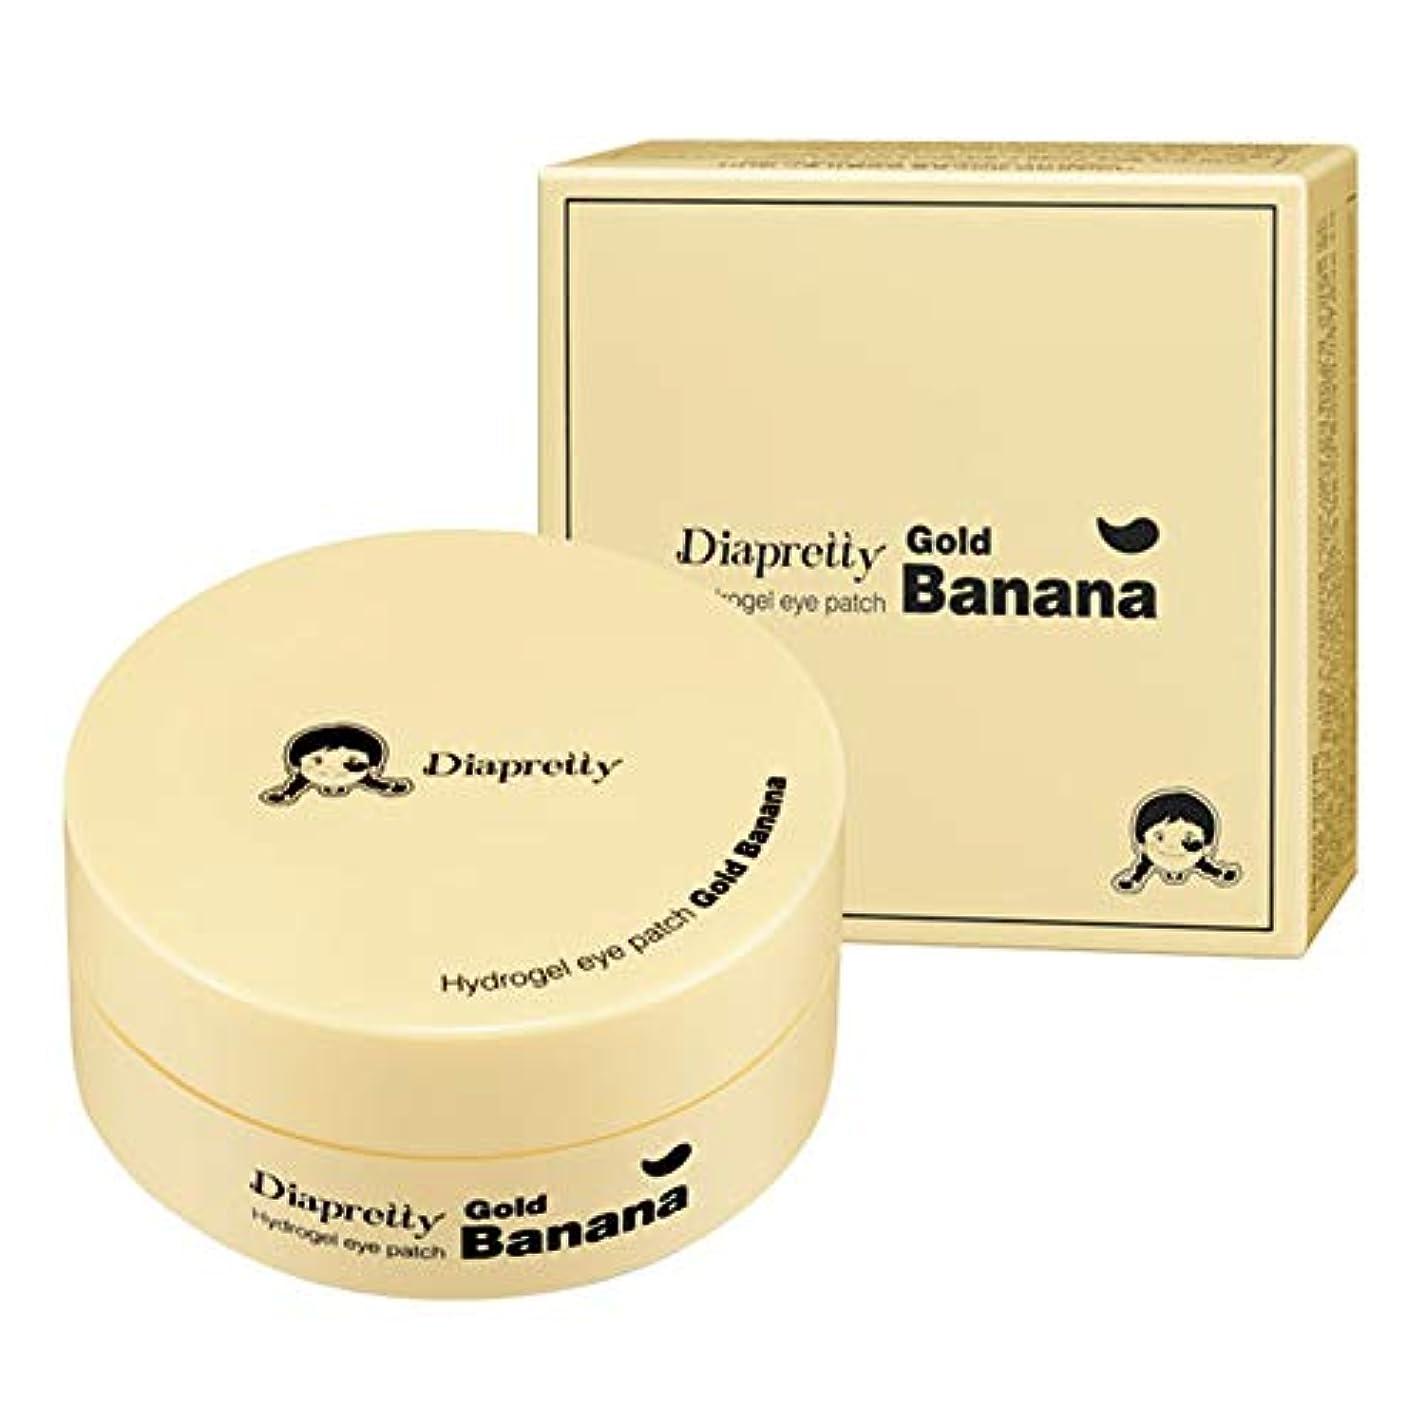 ピストン好戦的なモニカ[ダイアプリティ] ハイドロゲルア イパッチ (Gold Banana) 60枚, [Diapretty] Hydrogel Eyepatch(Gold Banana) 60pieces